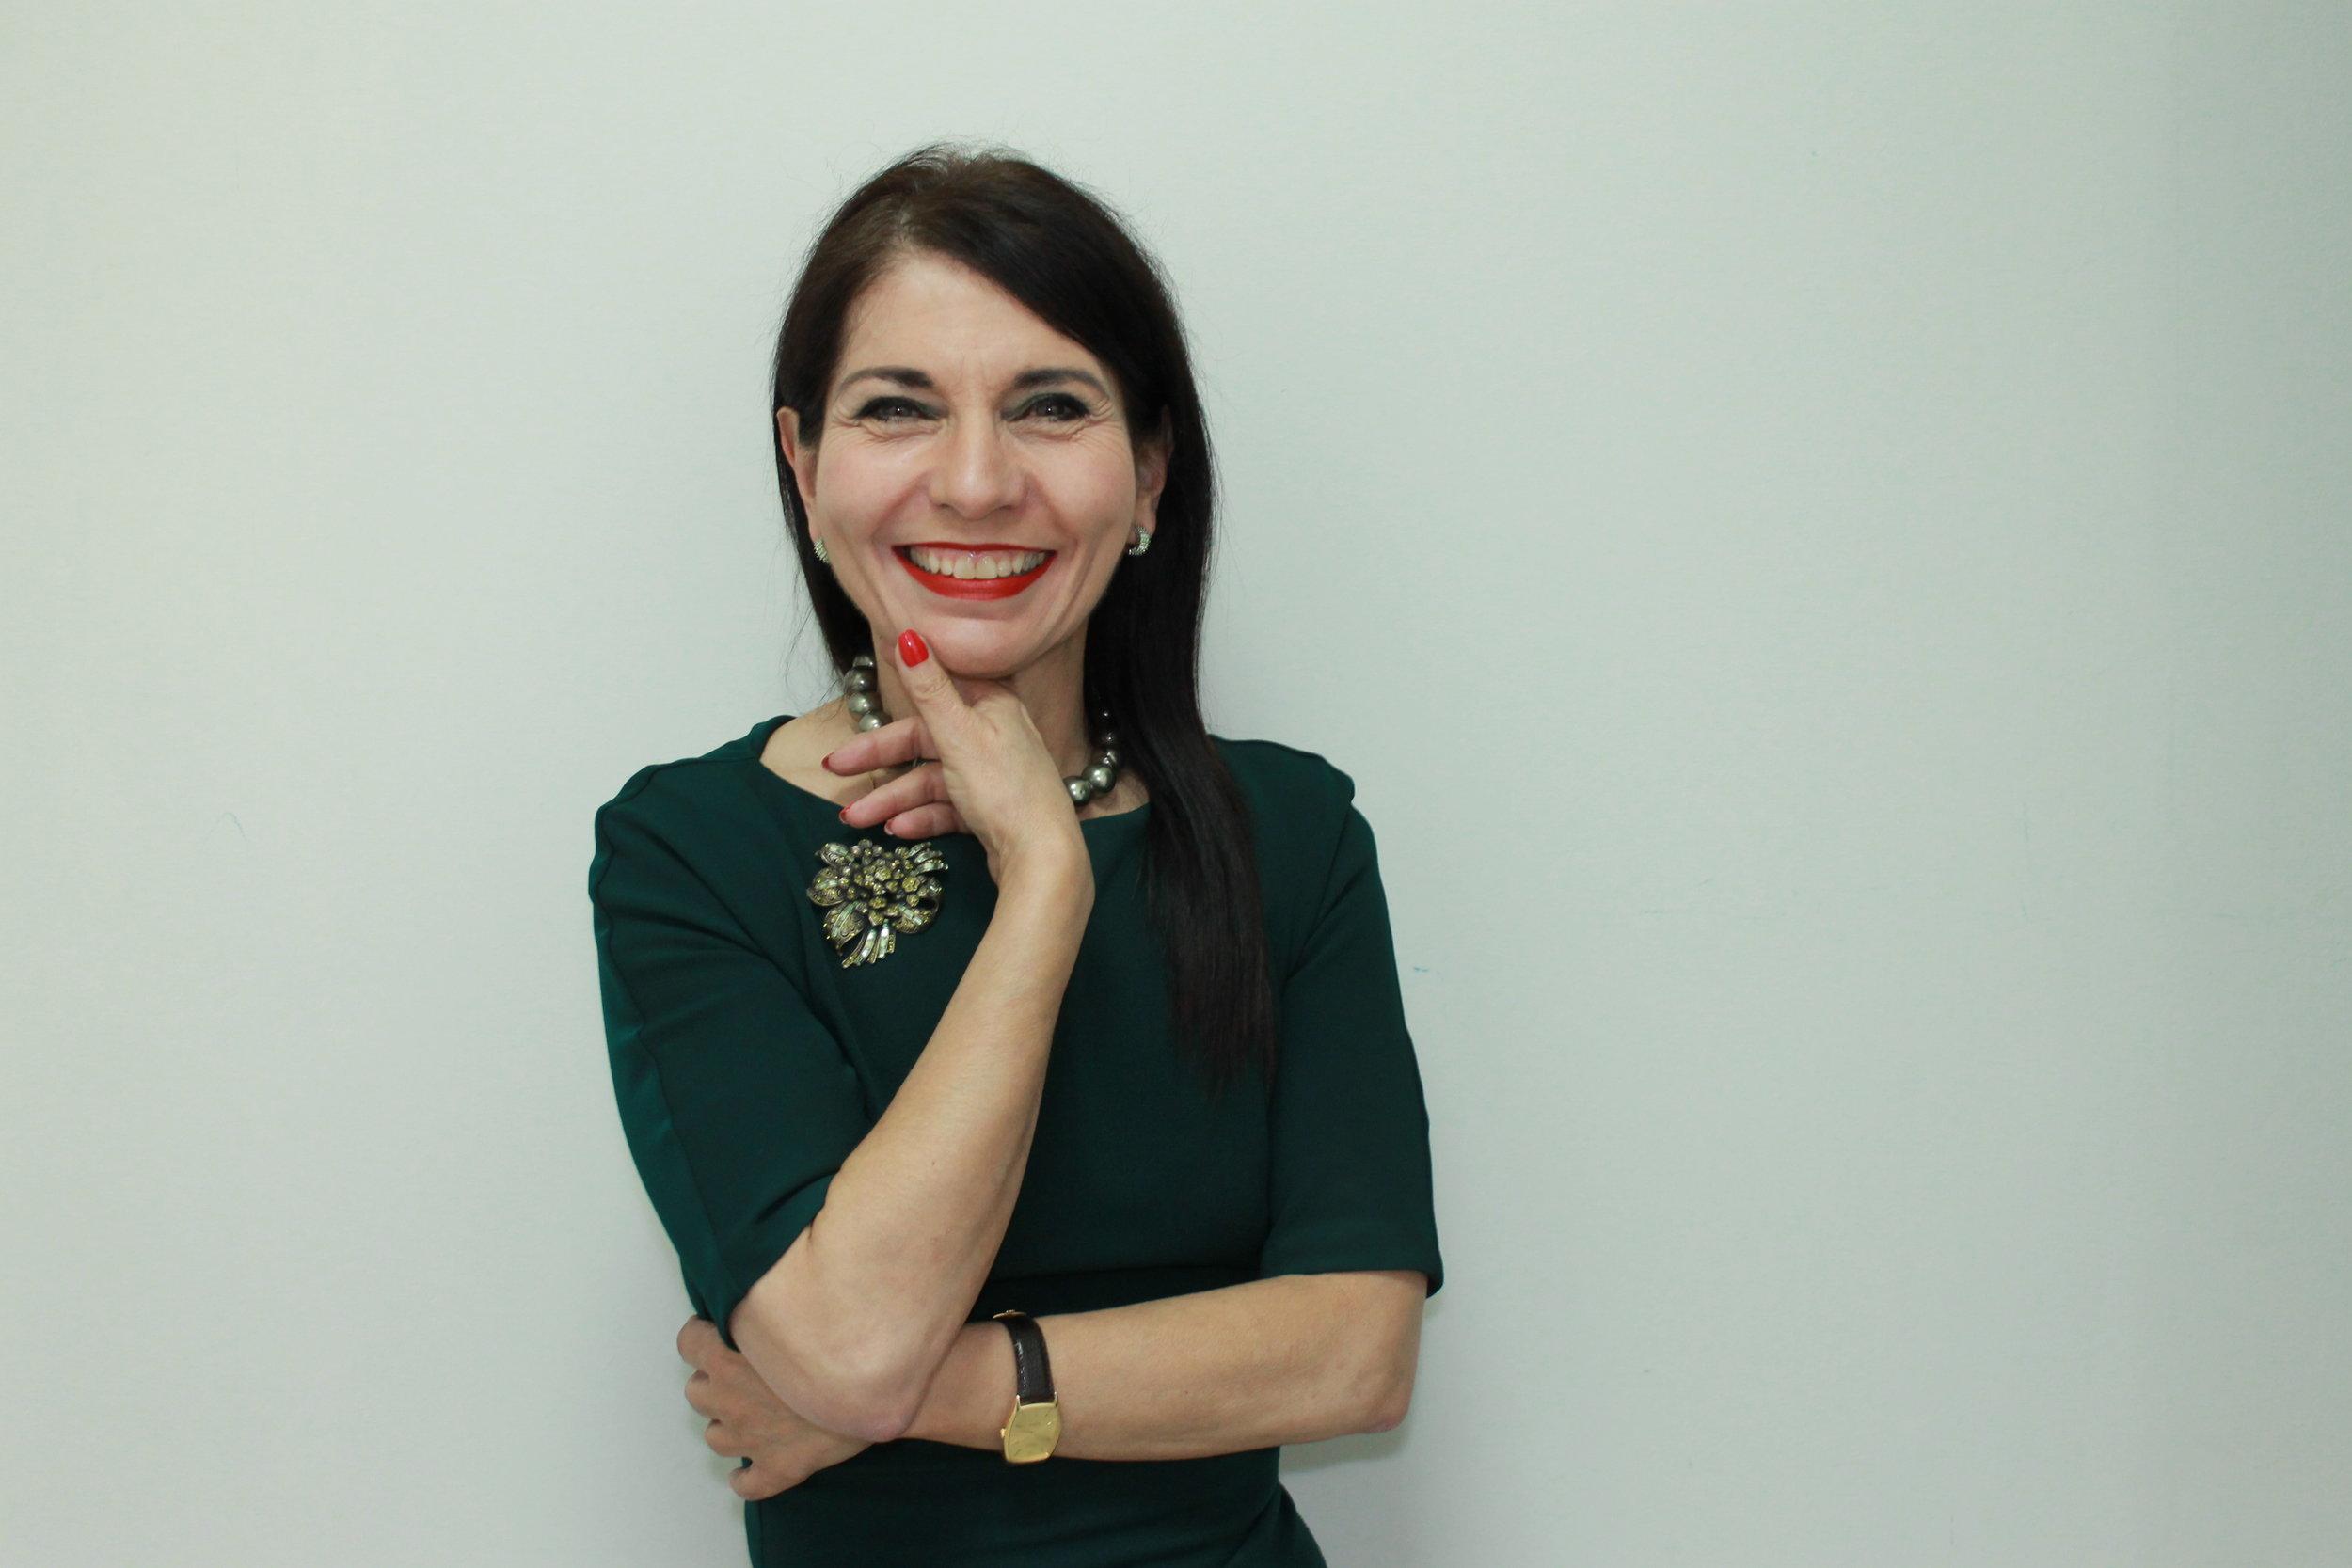 Diana Brown - Educadora de vocación y formación. Licenciada en Educacion Inicial y Preprimaria, estudios de maestria en Gestión por la Niñez y la Adolescencia, certificada en Neuroaprendizaje, Neuroliderazgo y Economia Social del Mercado. Representa a la educación privada en varias instancias en su rol de Directora ejecutiva de la Asociación de Colegios Privados. Representante titular en el Consejo Nacional de Educación, Comision de Industria CONCYT e integrante del Consejo Asesor PRONACOM. Catedrática universitaria en temas educativos, incluyendo Filosofía de la Educación y Legislación educativa. Misión personal de vida: velar por el desarrollo integral de cada individuo, el perfeccionamiento de sus talentos para su felicidad vital.